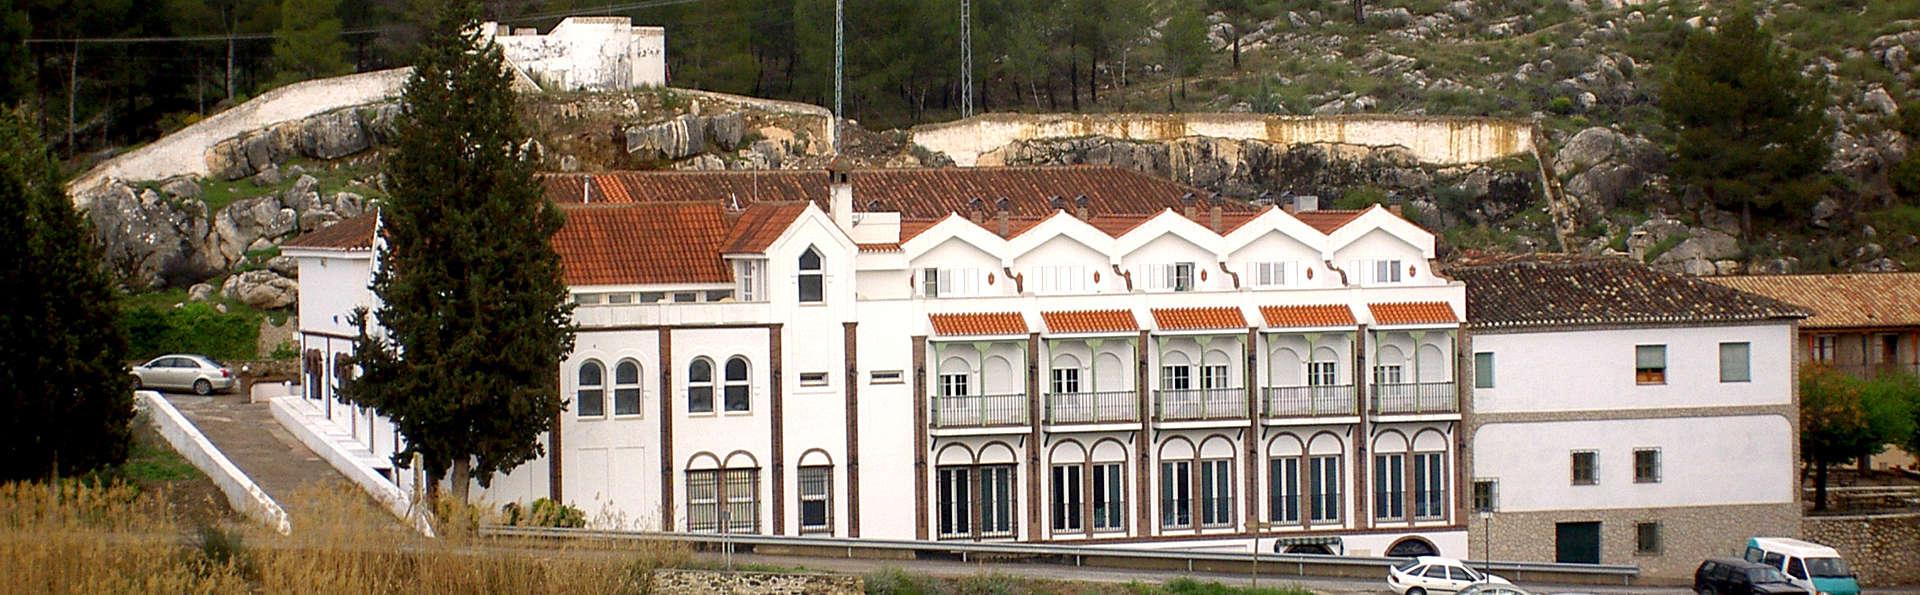 Balneario de Alicun de las Torres - Edit_Front2.jpg